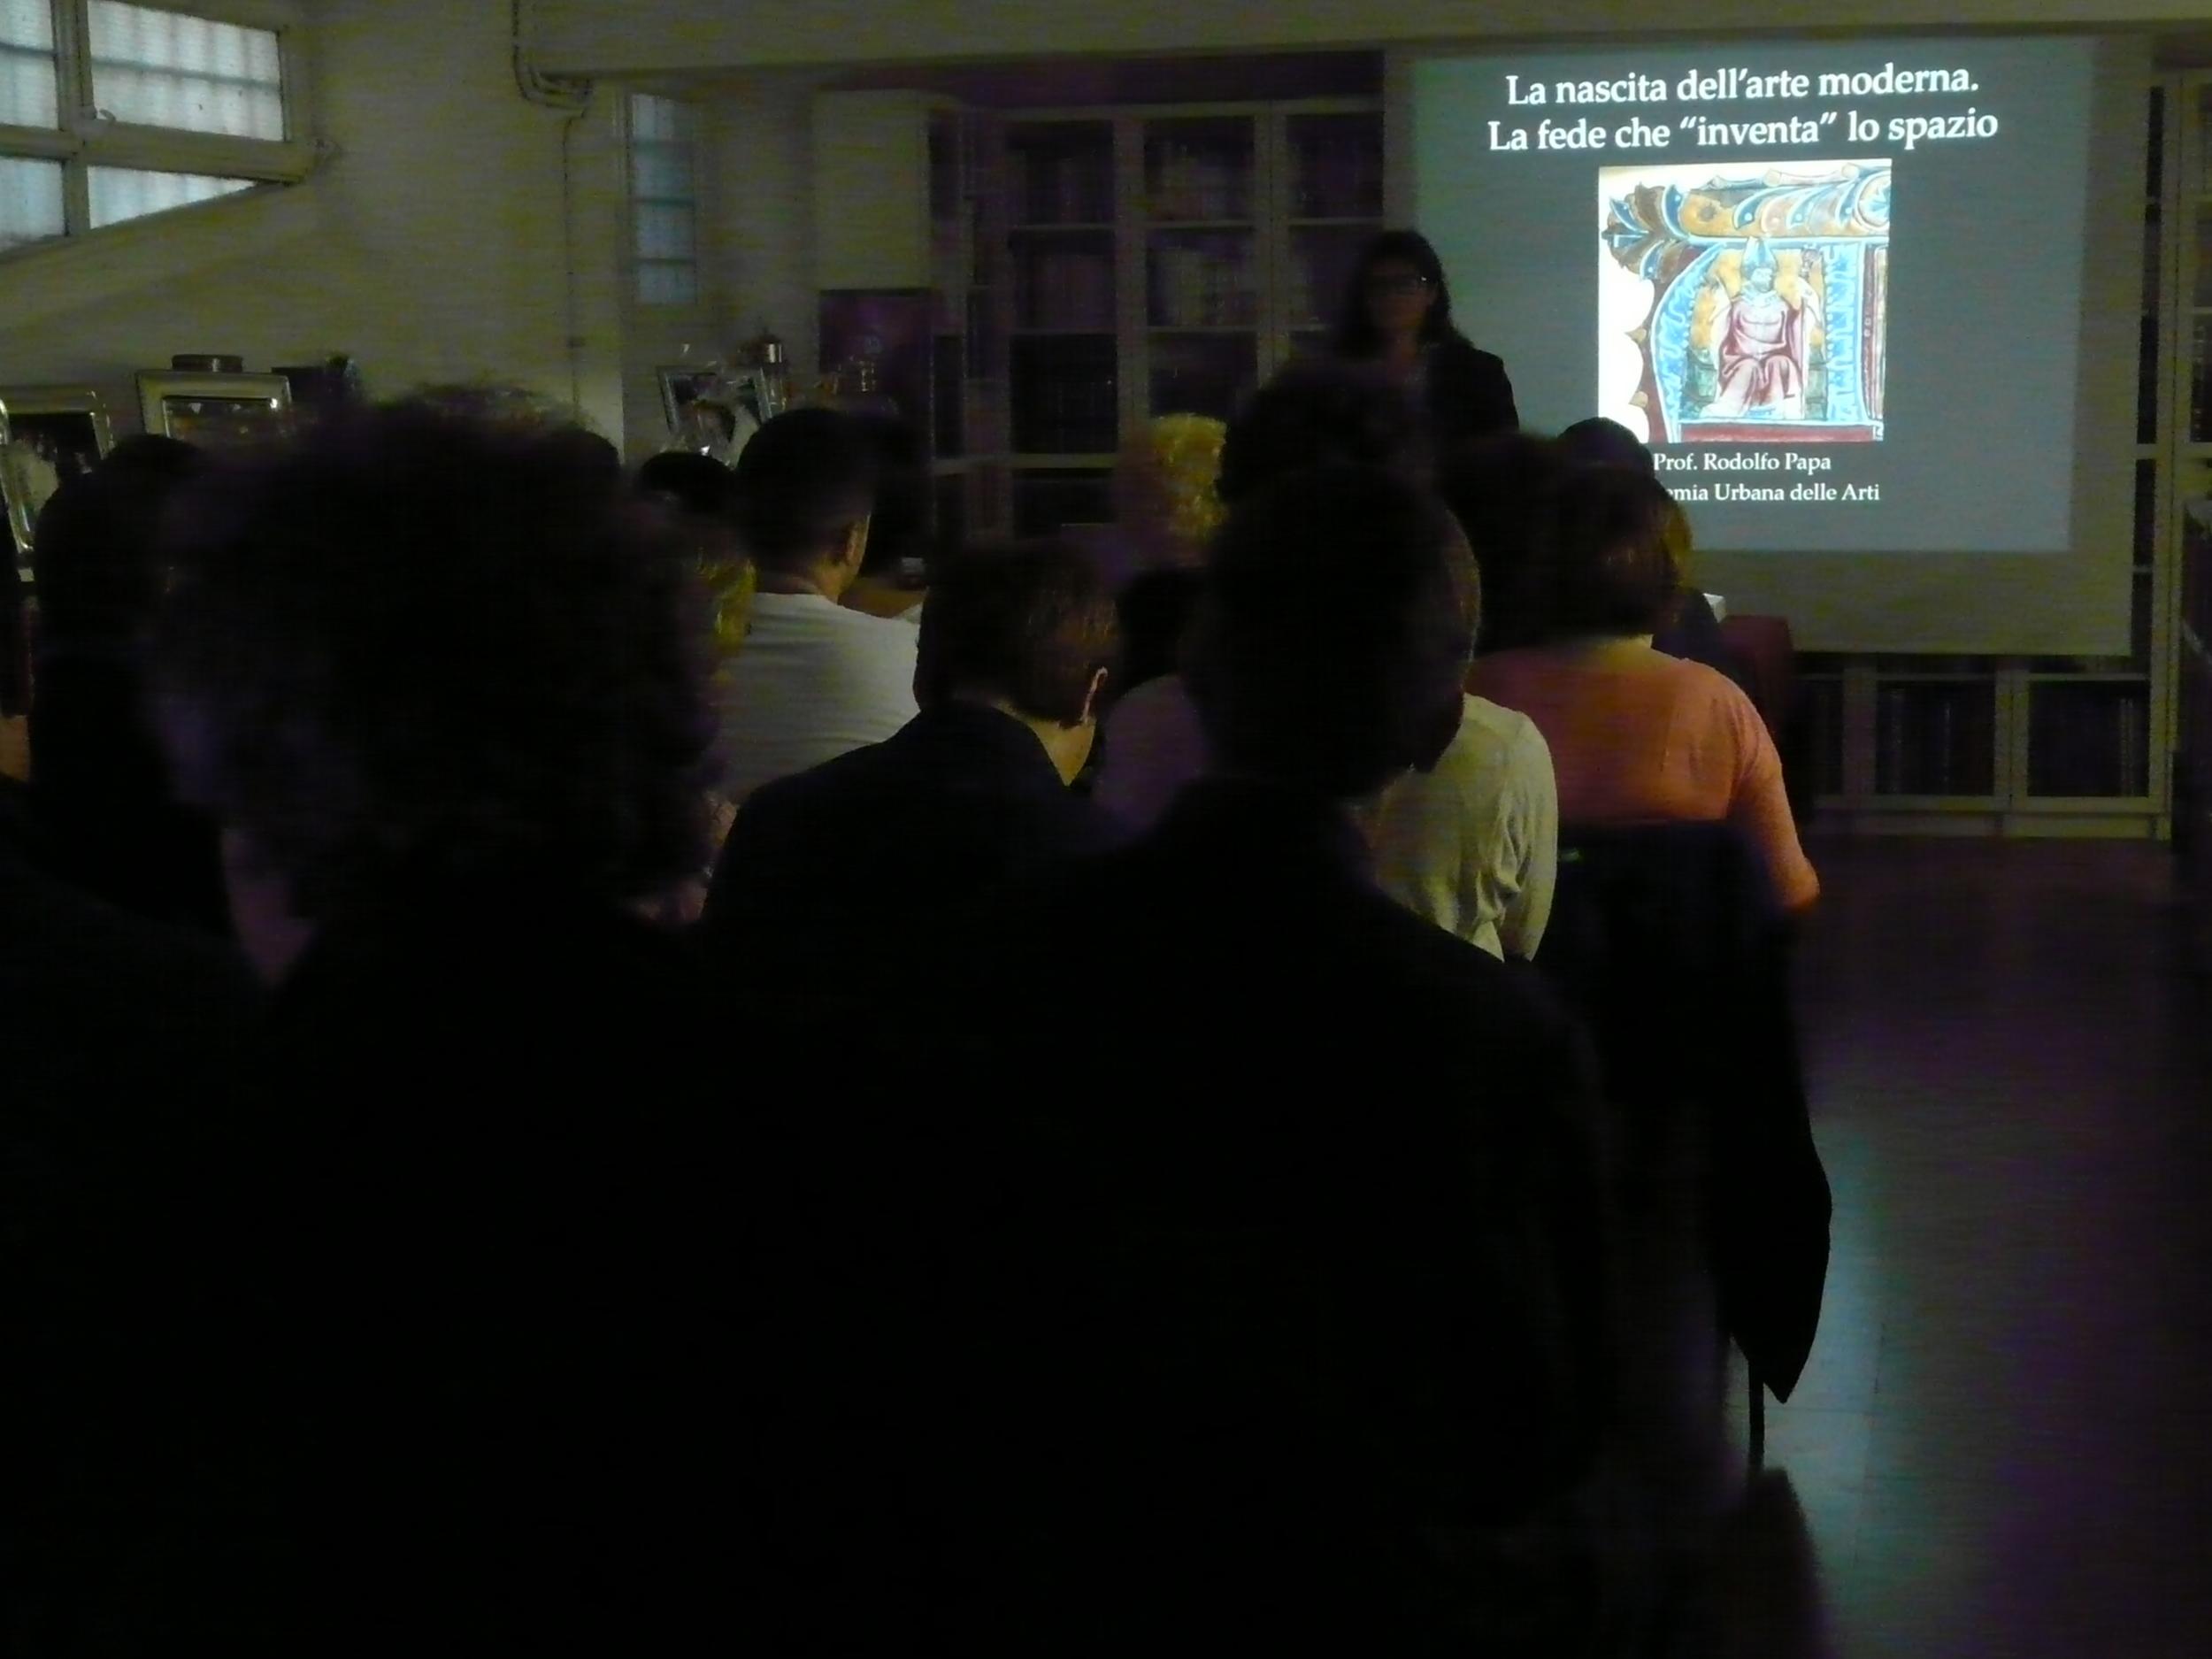 Corso di Arte Sacra - Accademia Urbana delle Arti.